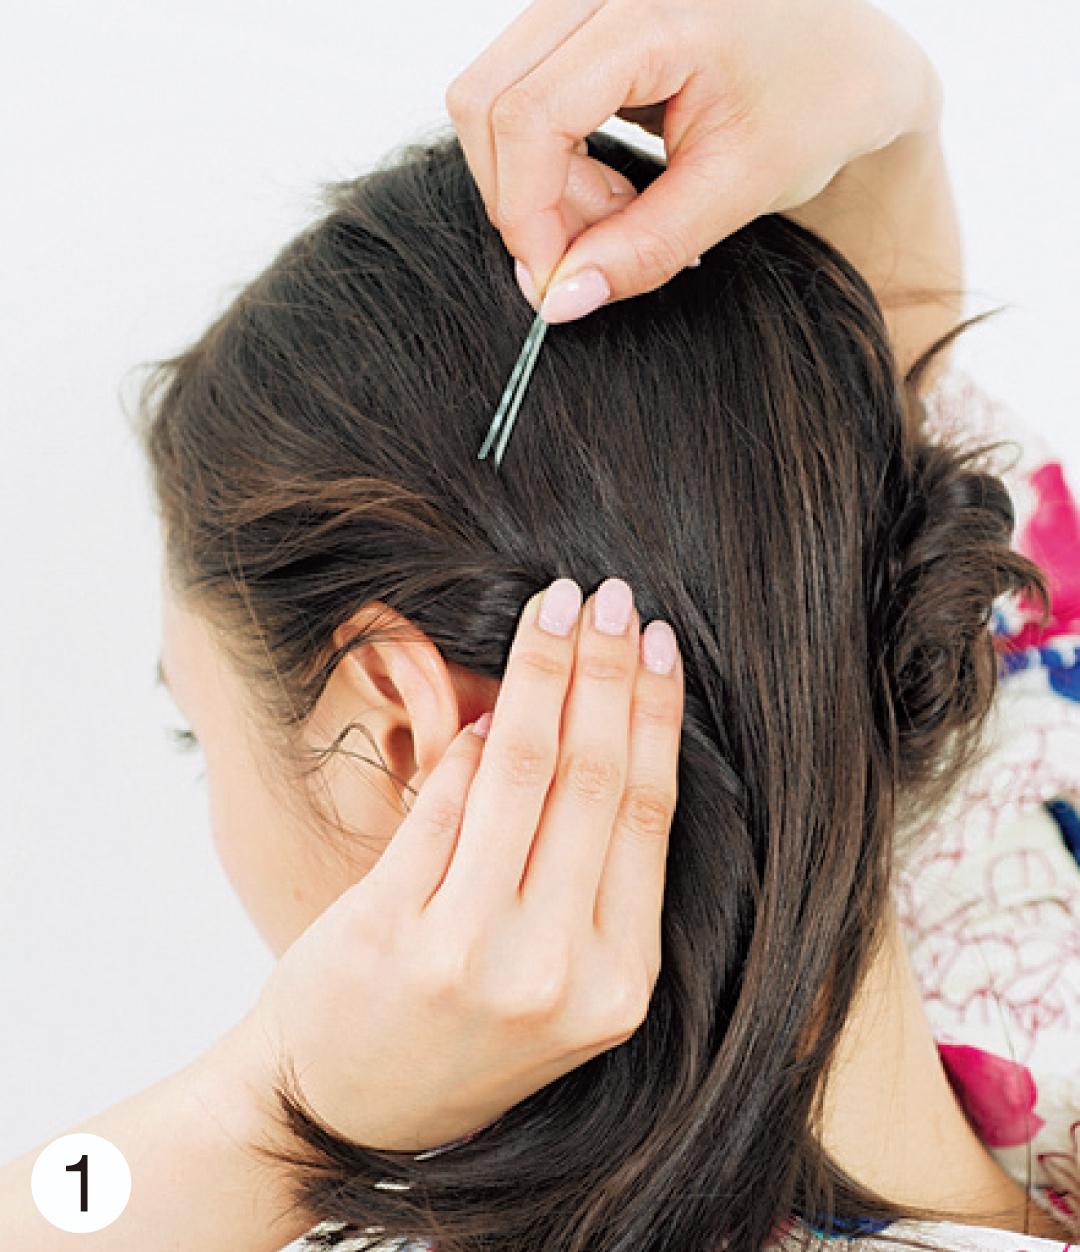 髪の毛全体をざっくりと2つに分け、サイドからえり足に向かってねじっていく。少しずつねじり固定していくのが崩れないコツ!